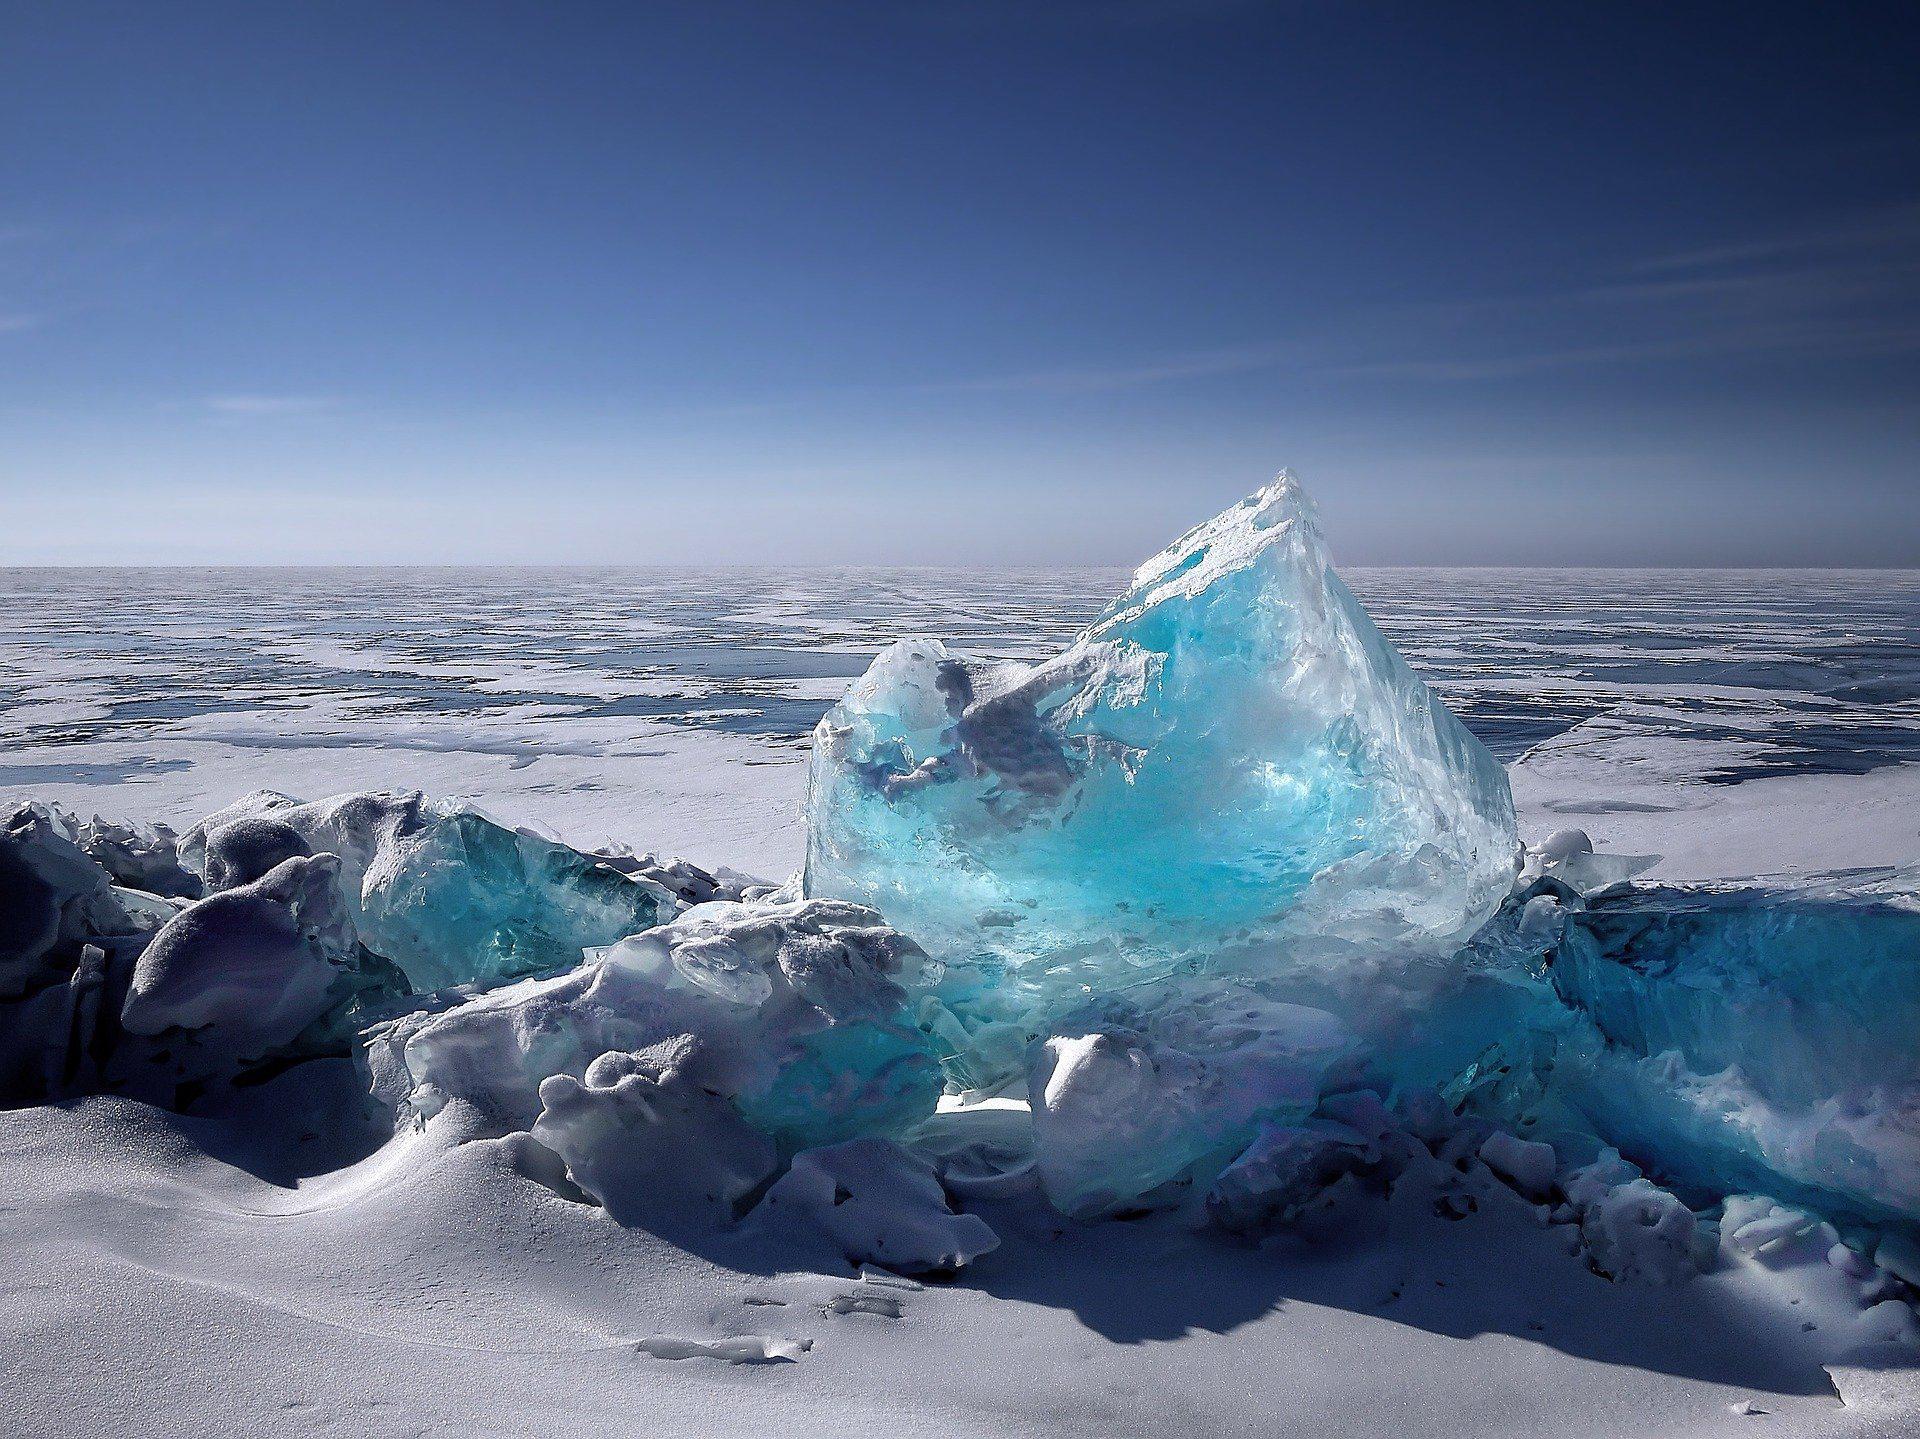 Ein Bild, das Himmel, draußen, Wasser, Eis enthält.  Automatisch generierte Beschreibung